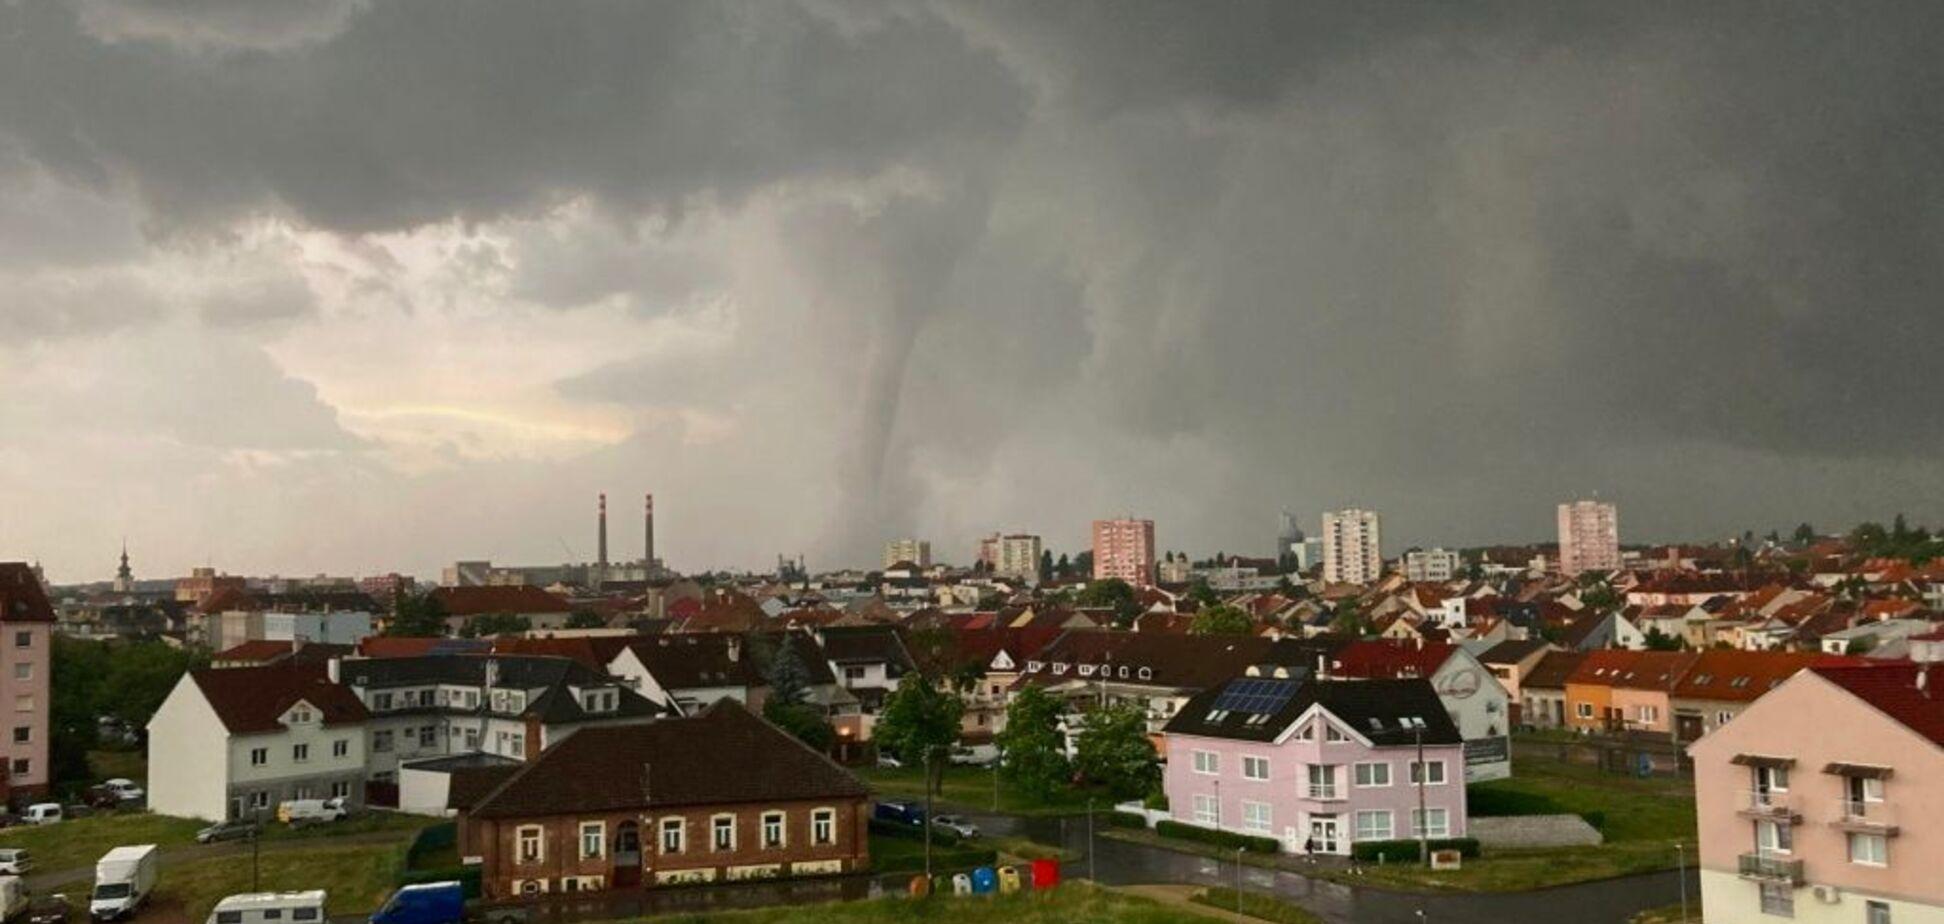 В Чехии возросло число погибших в результате торнадо. Видео разрушений, снятое с высоты